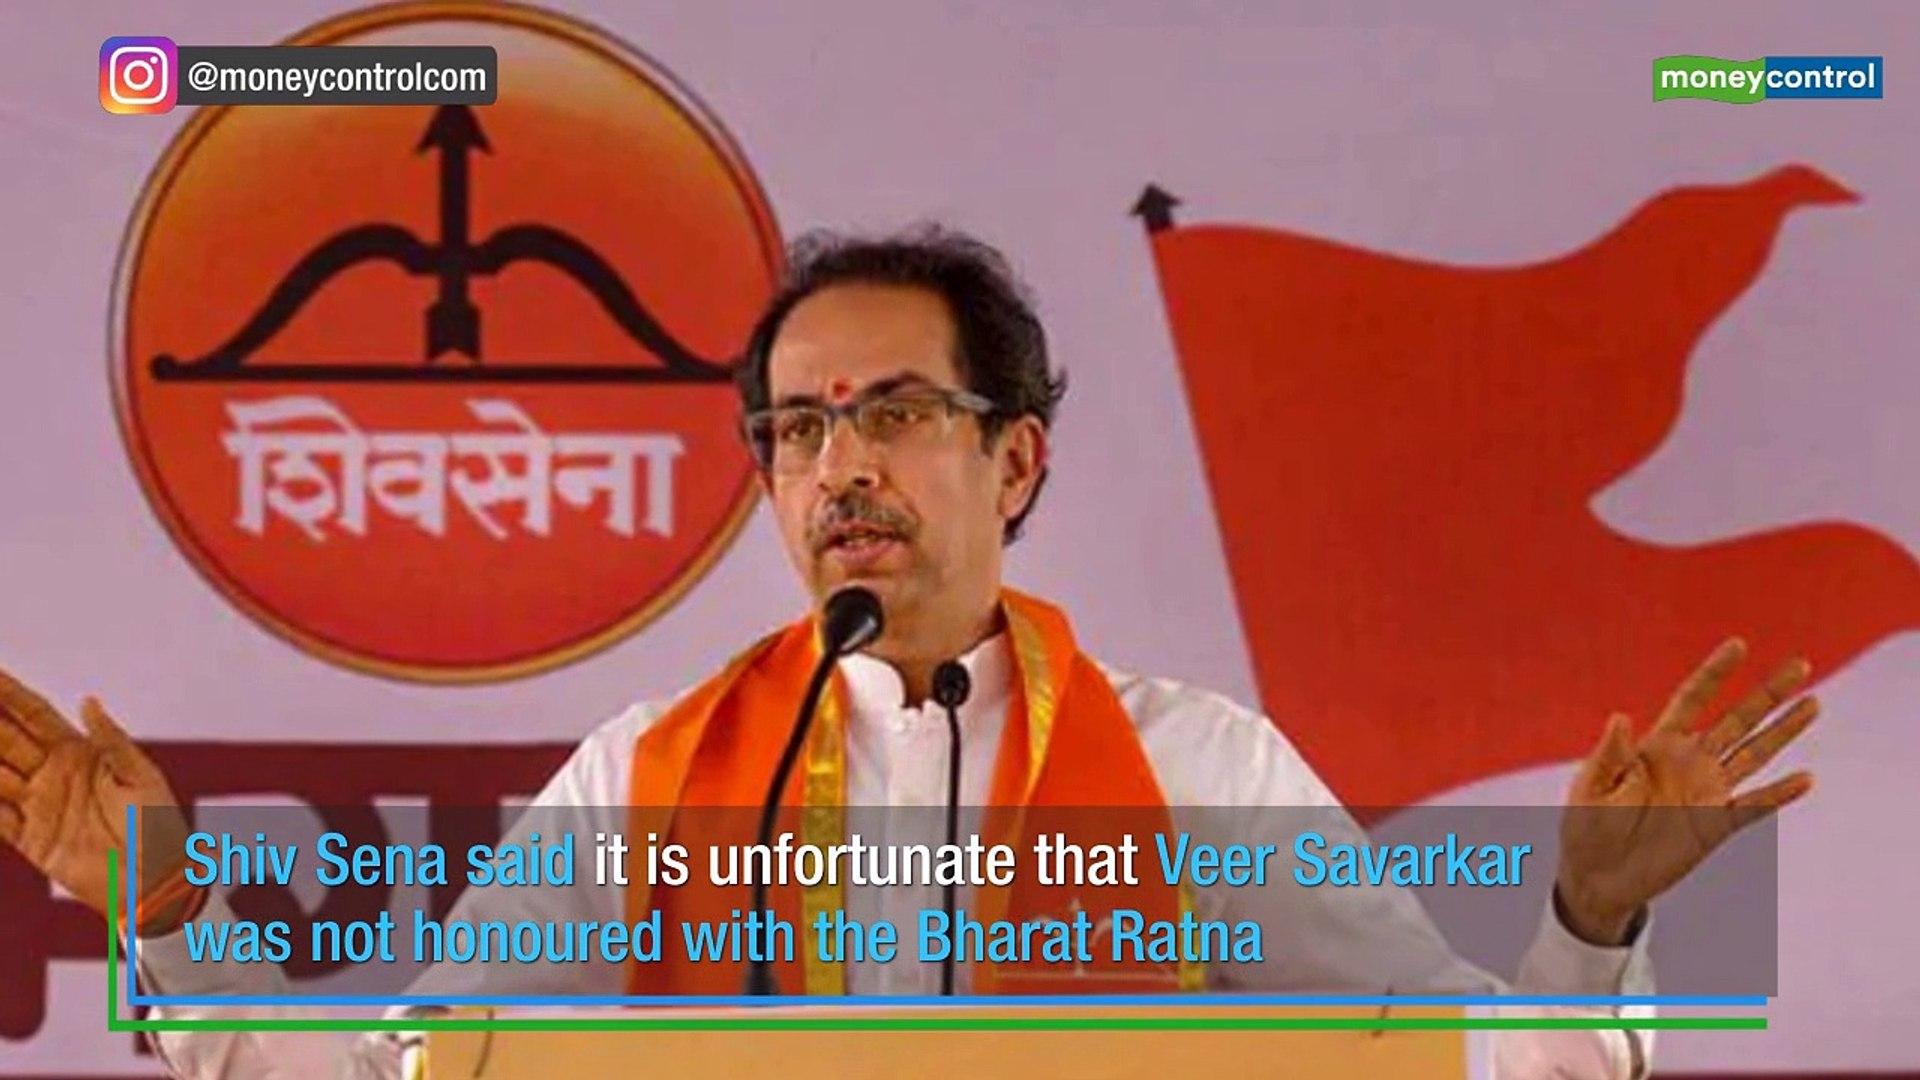 Shiv Sena Hits Out At Pm Modi Govt For Not Honouring - Shiv Sena Uddhav Thackeray , HD Wallpaper & Backgrounds